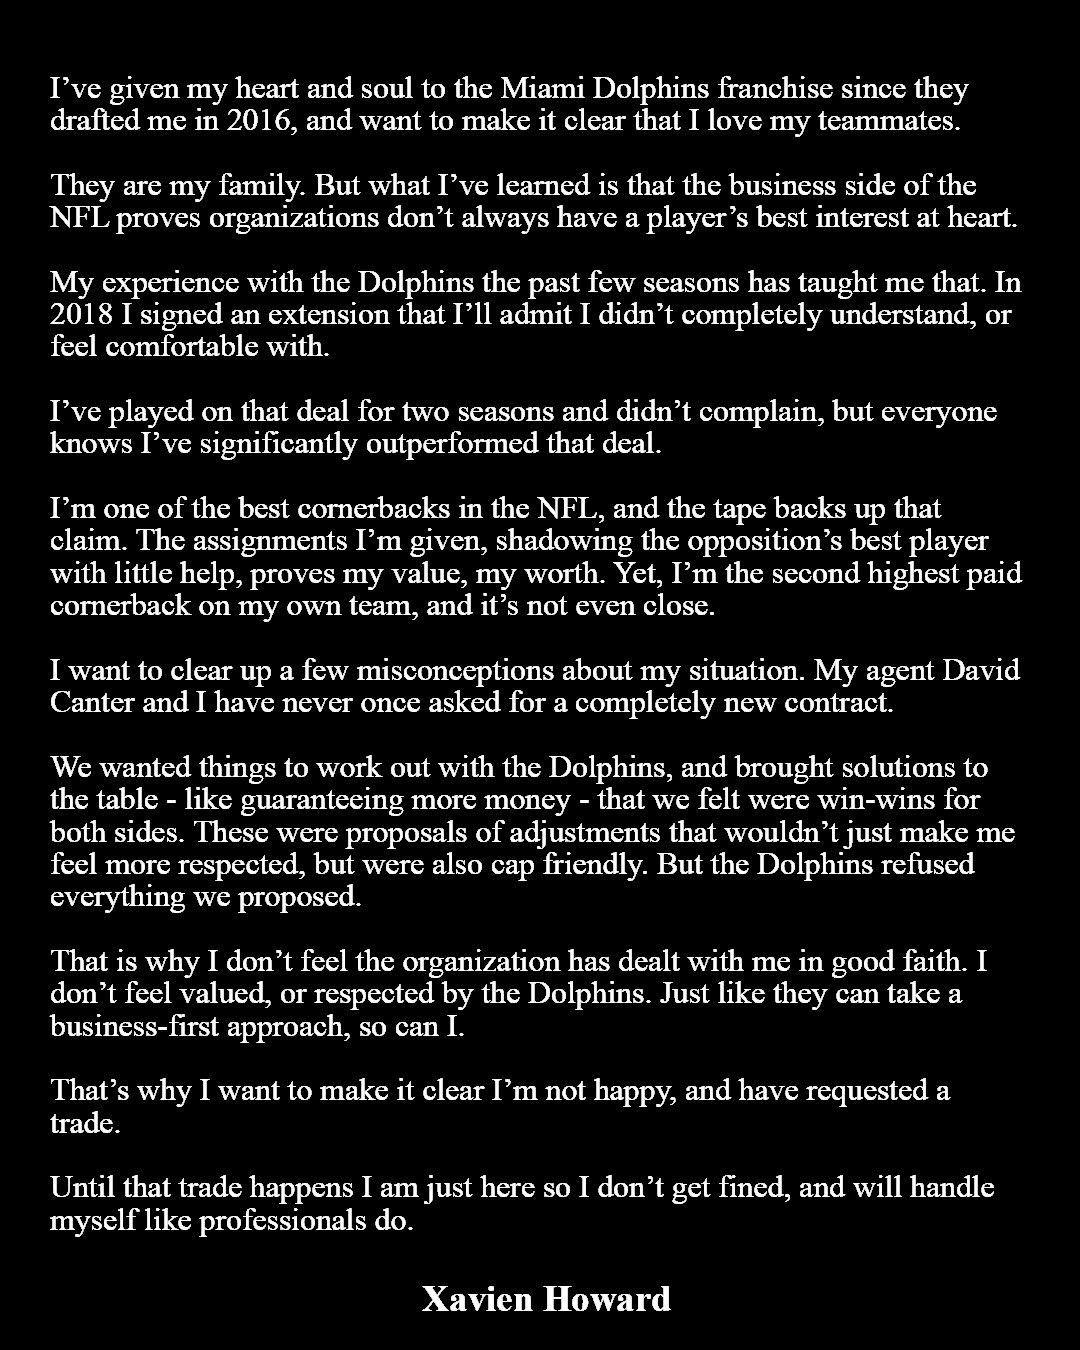 Xavien Howard Statement